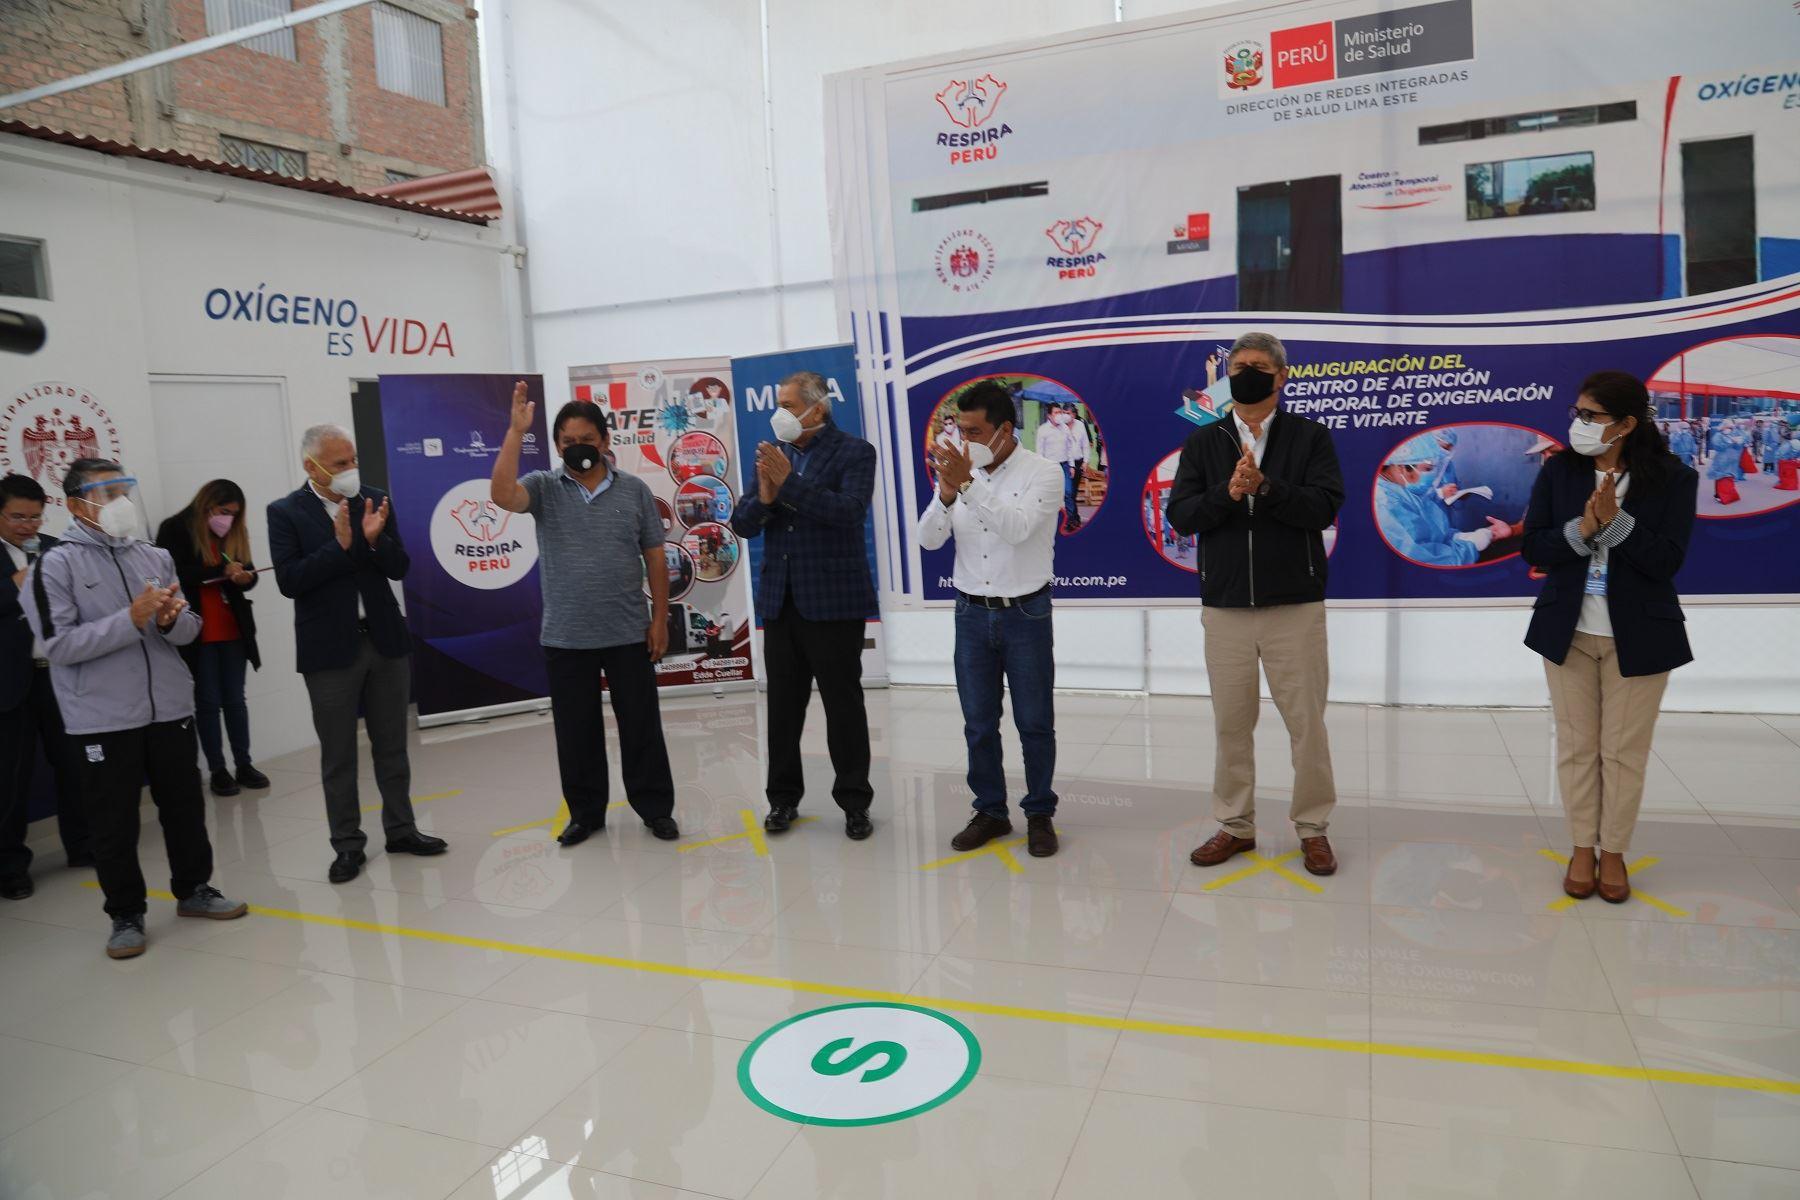 Respira Perú respalda esfuerzos por vacunas contra la covid-19 Foto: Difusión